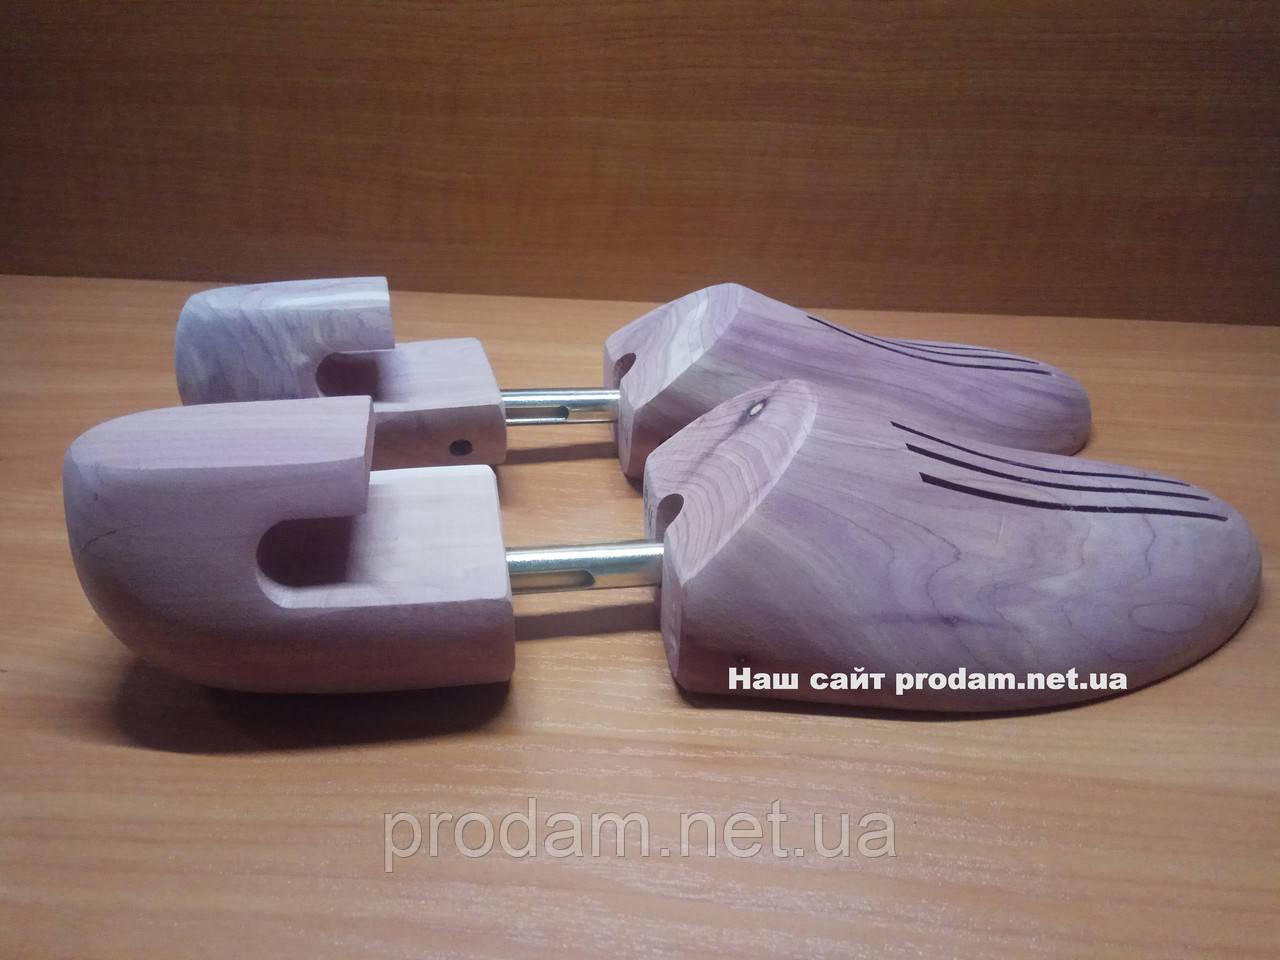 Формодержатели, колодки для обуви